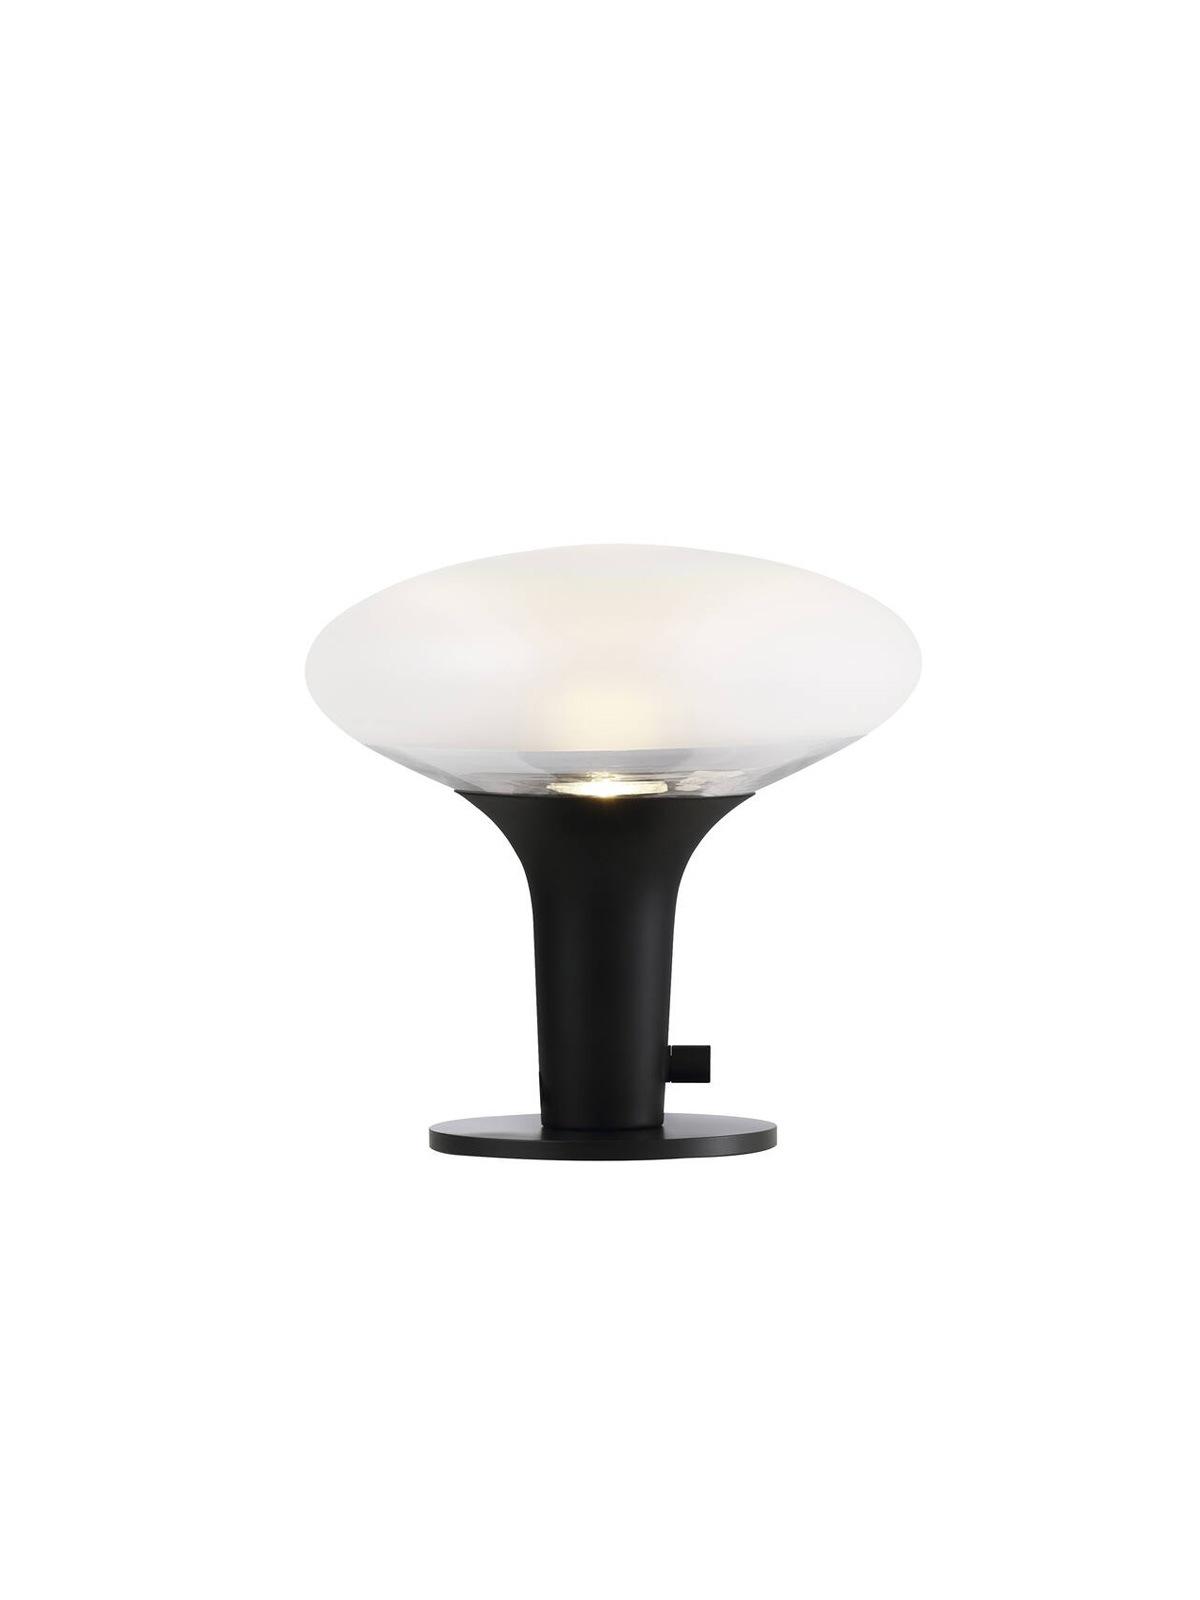 Nordlux Dee 2.0 Tischlampe Design for the People DesignOrt Lampen Berlin